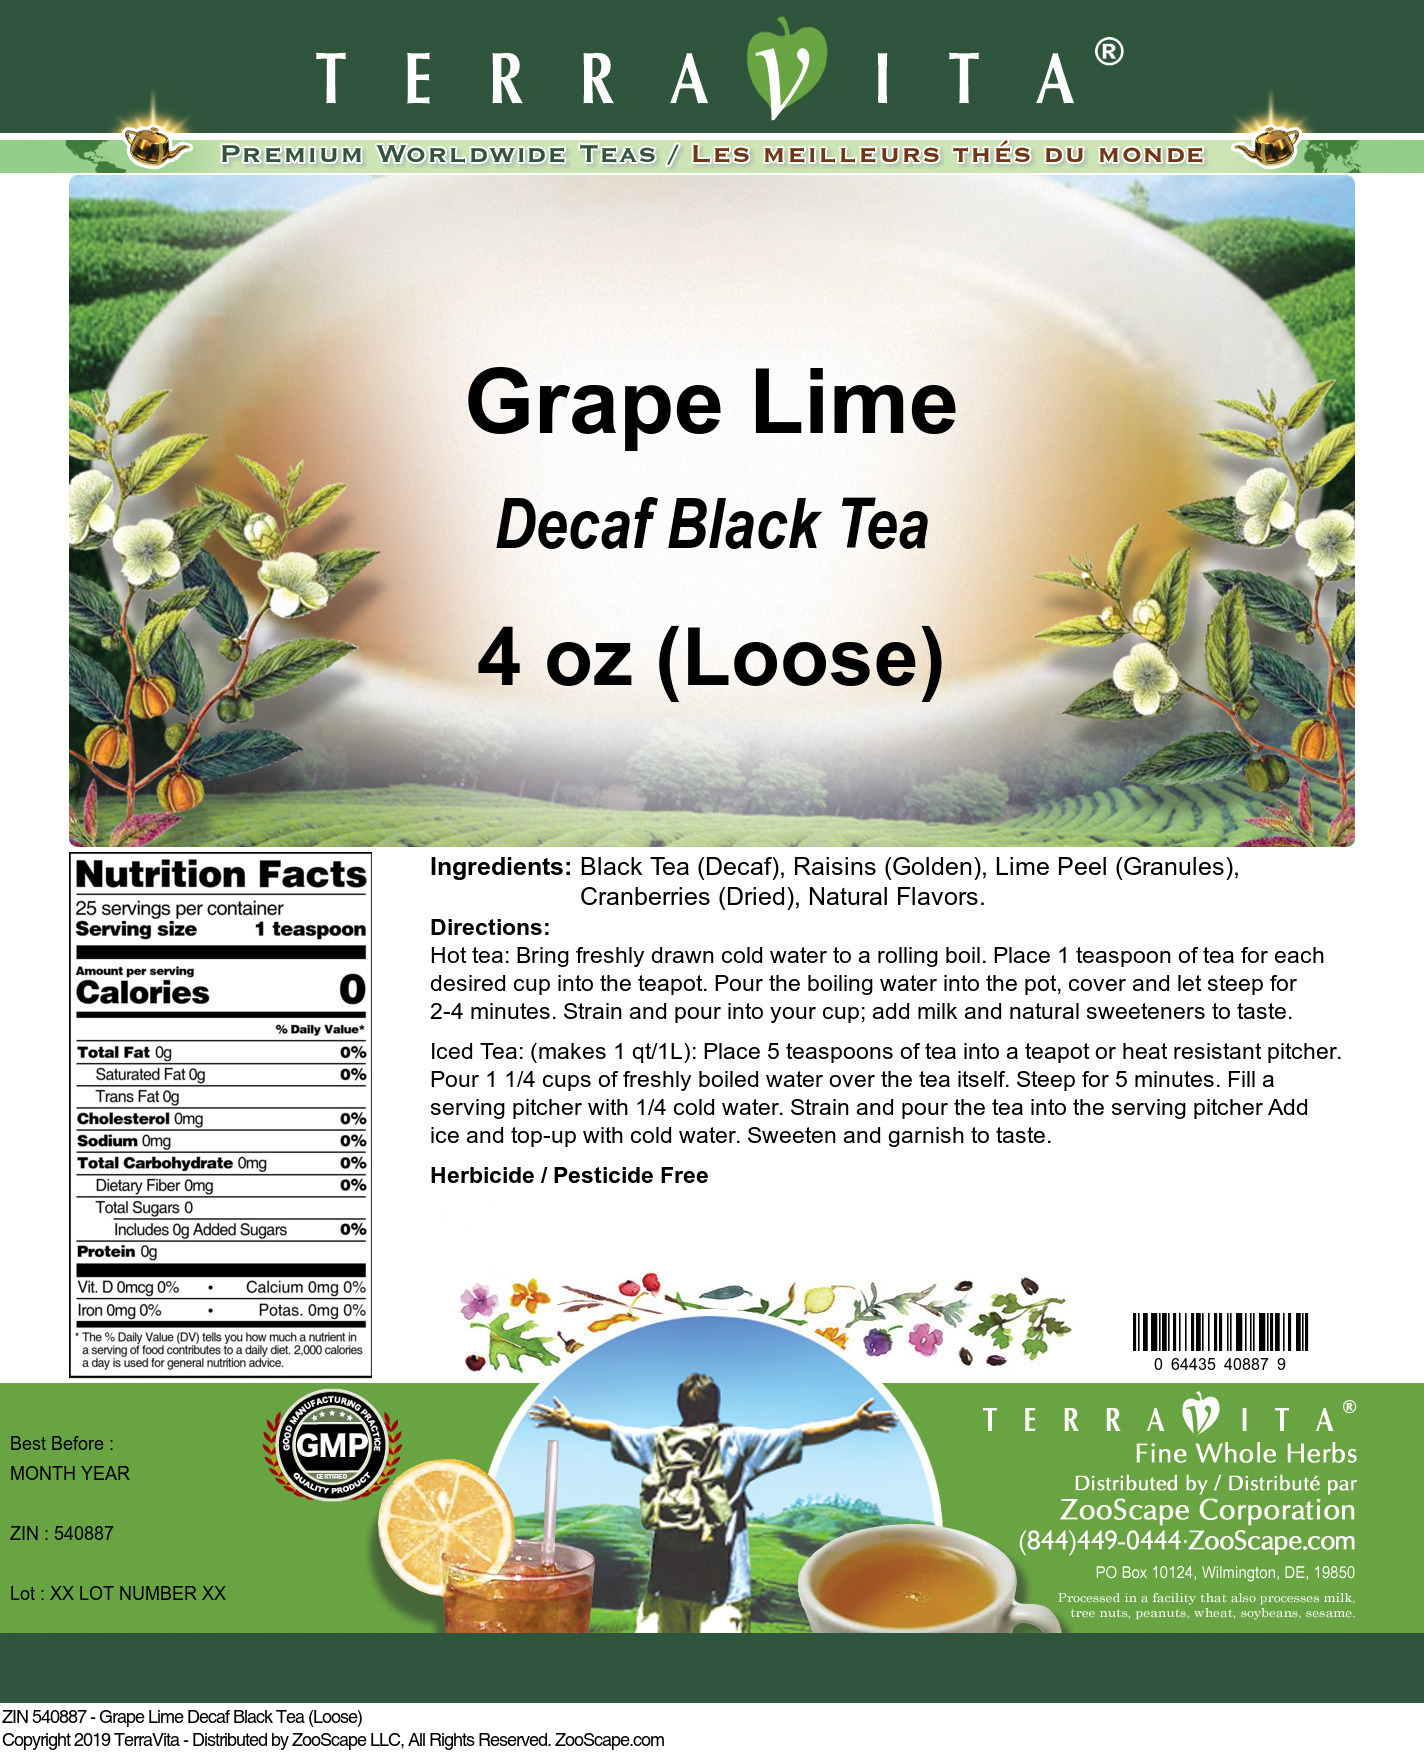 Grape Lime Decaf Black Tea (Loose)